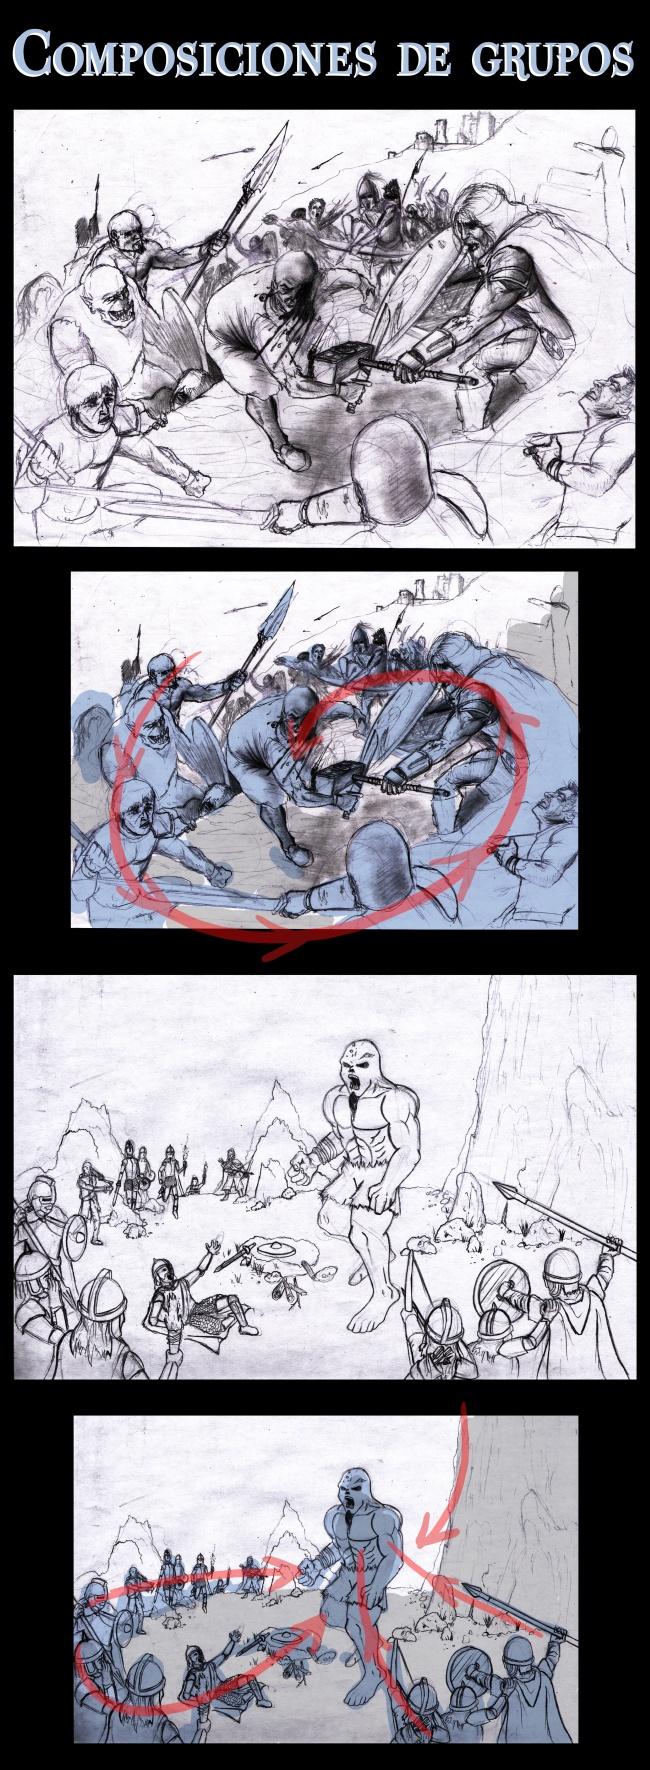 comic-alvaro-muñoz-composiciones-madrid-academiac10